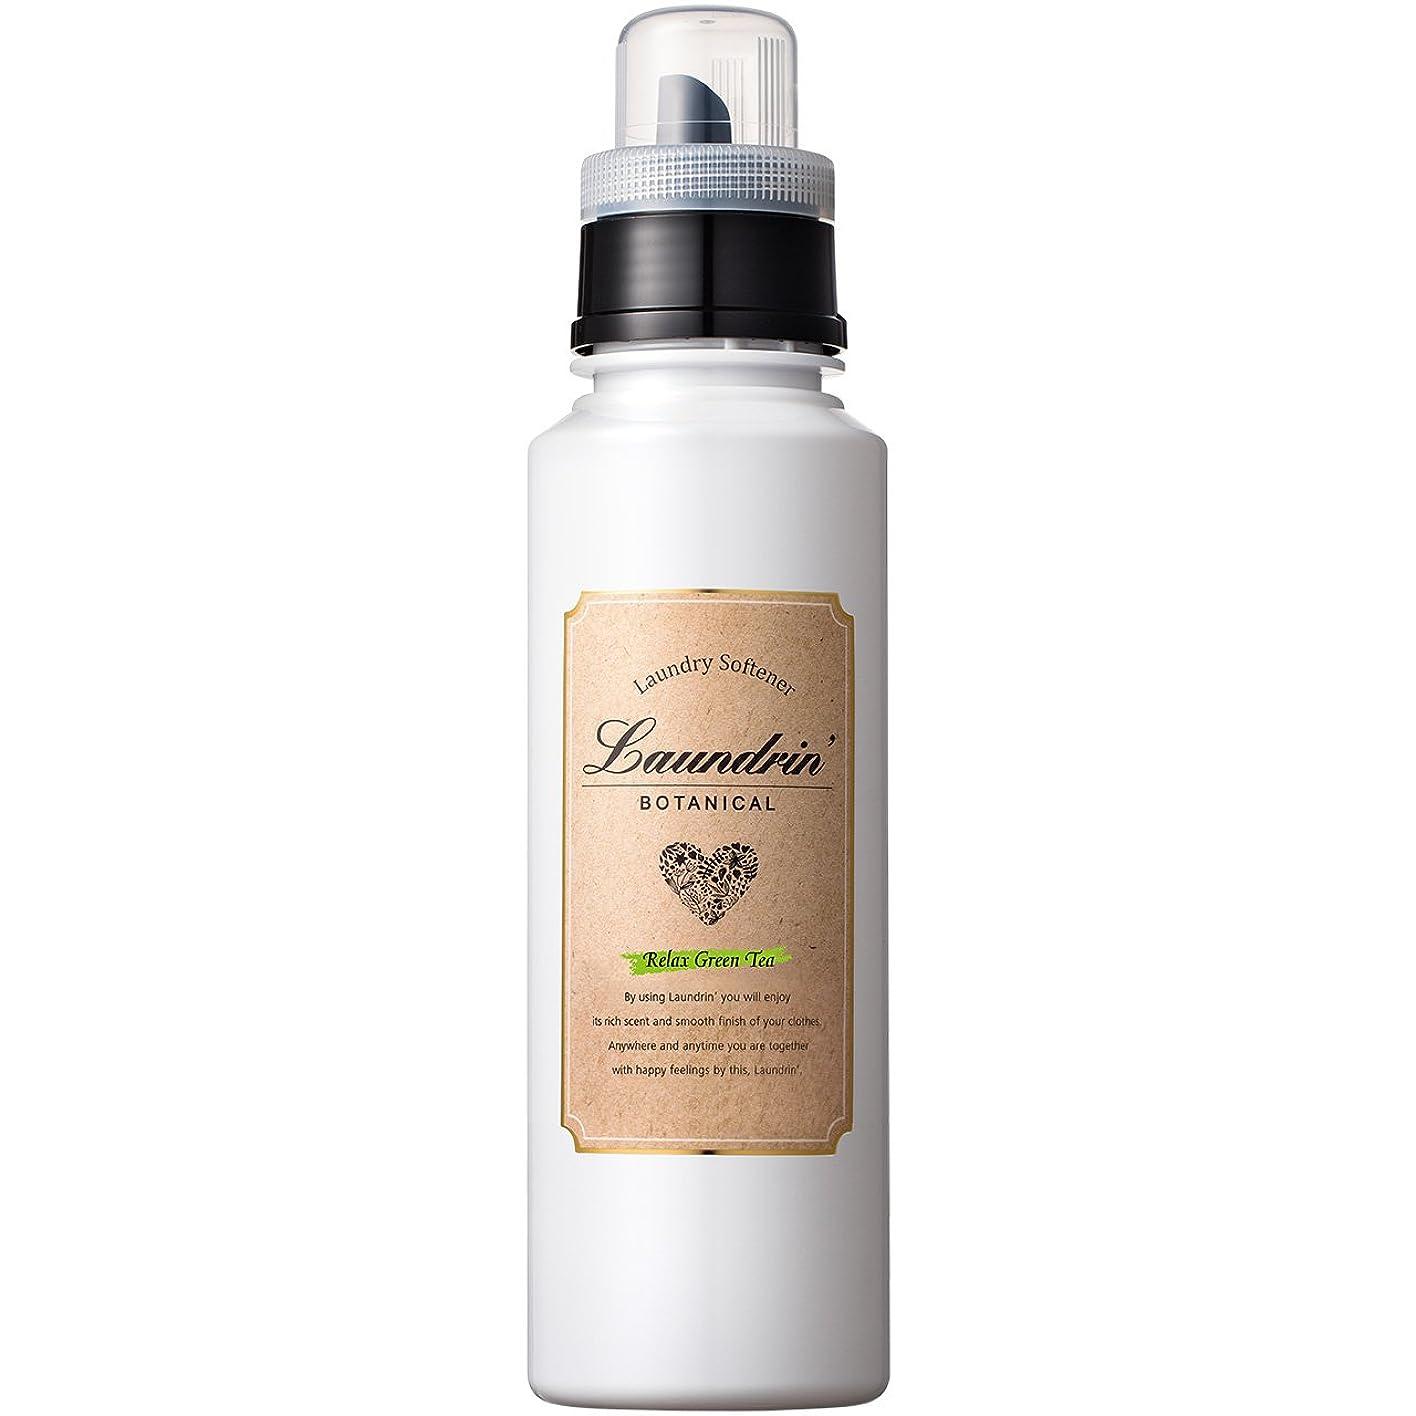 不正直肺炎導入するランドリン ボタニカル 柔軟剤 リラックスグリーンティーの香り 500ml